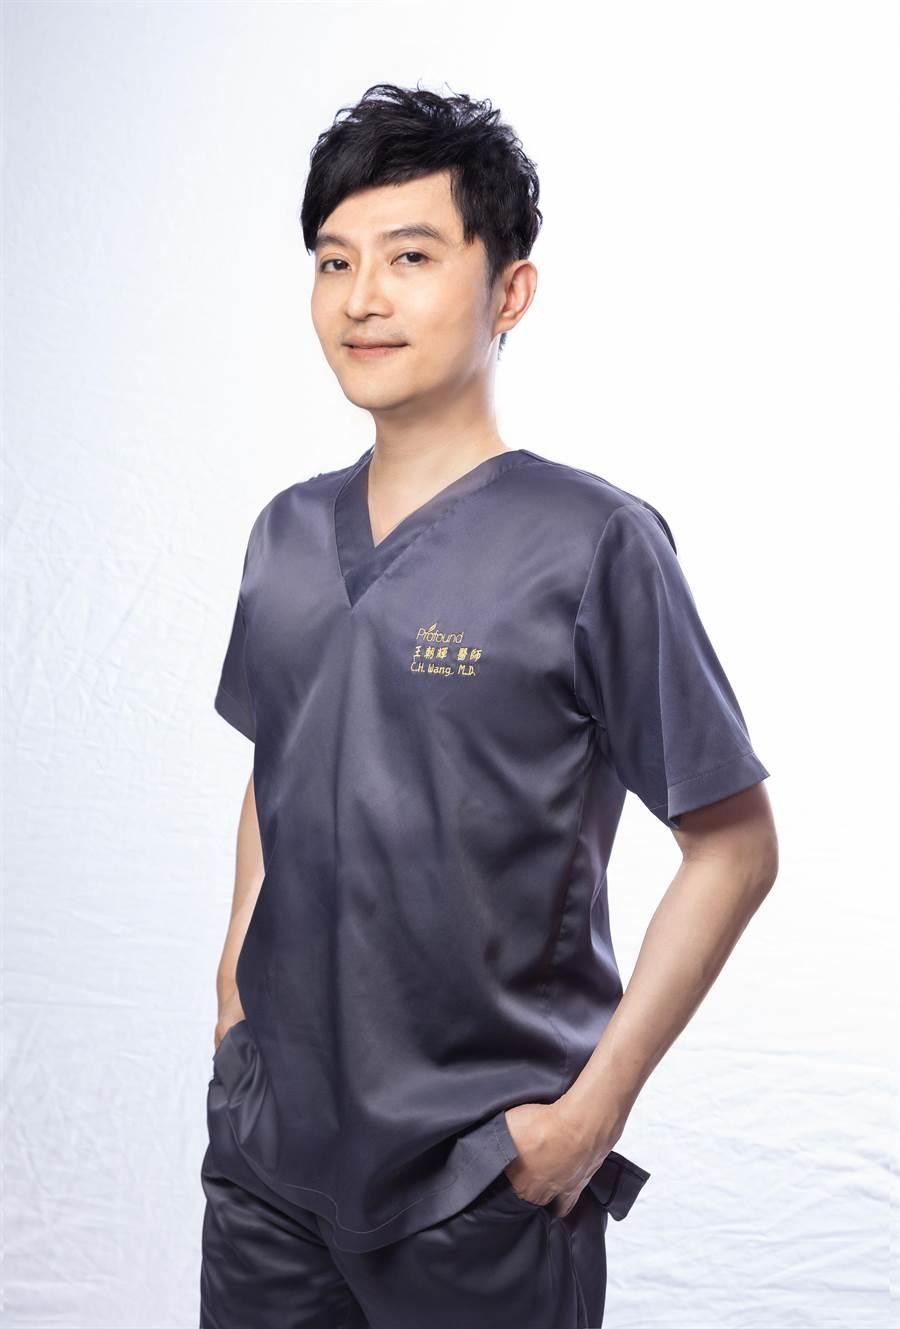 圖說:光澤醫美集團執行長王朝輝醫師同時為形體美容外科醫學會理事長